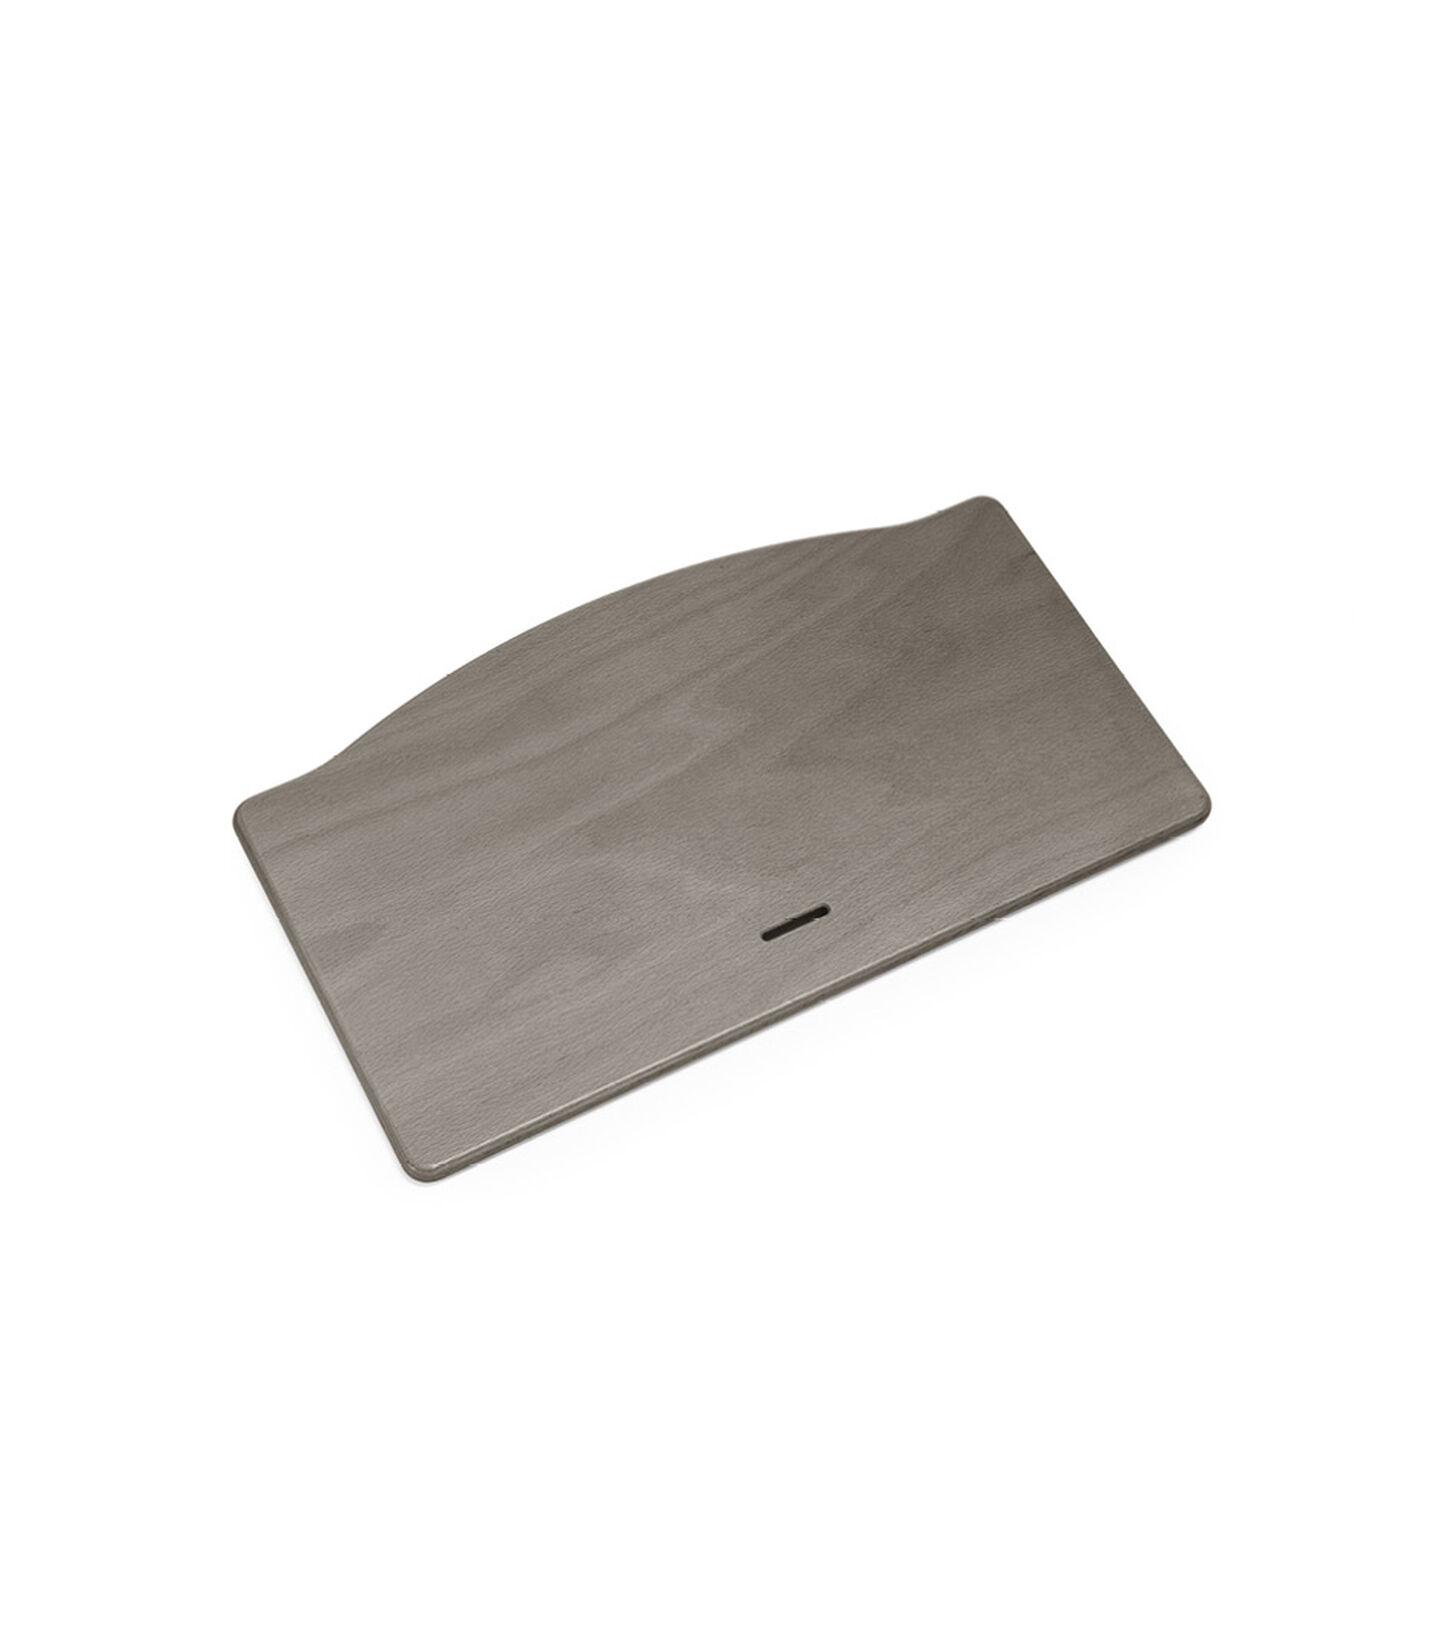 Tripp Trapp® Seatplate Hazy Grey, Hazy Grey, mainview view 1